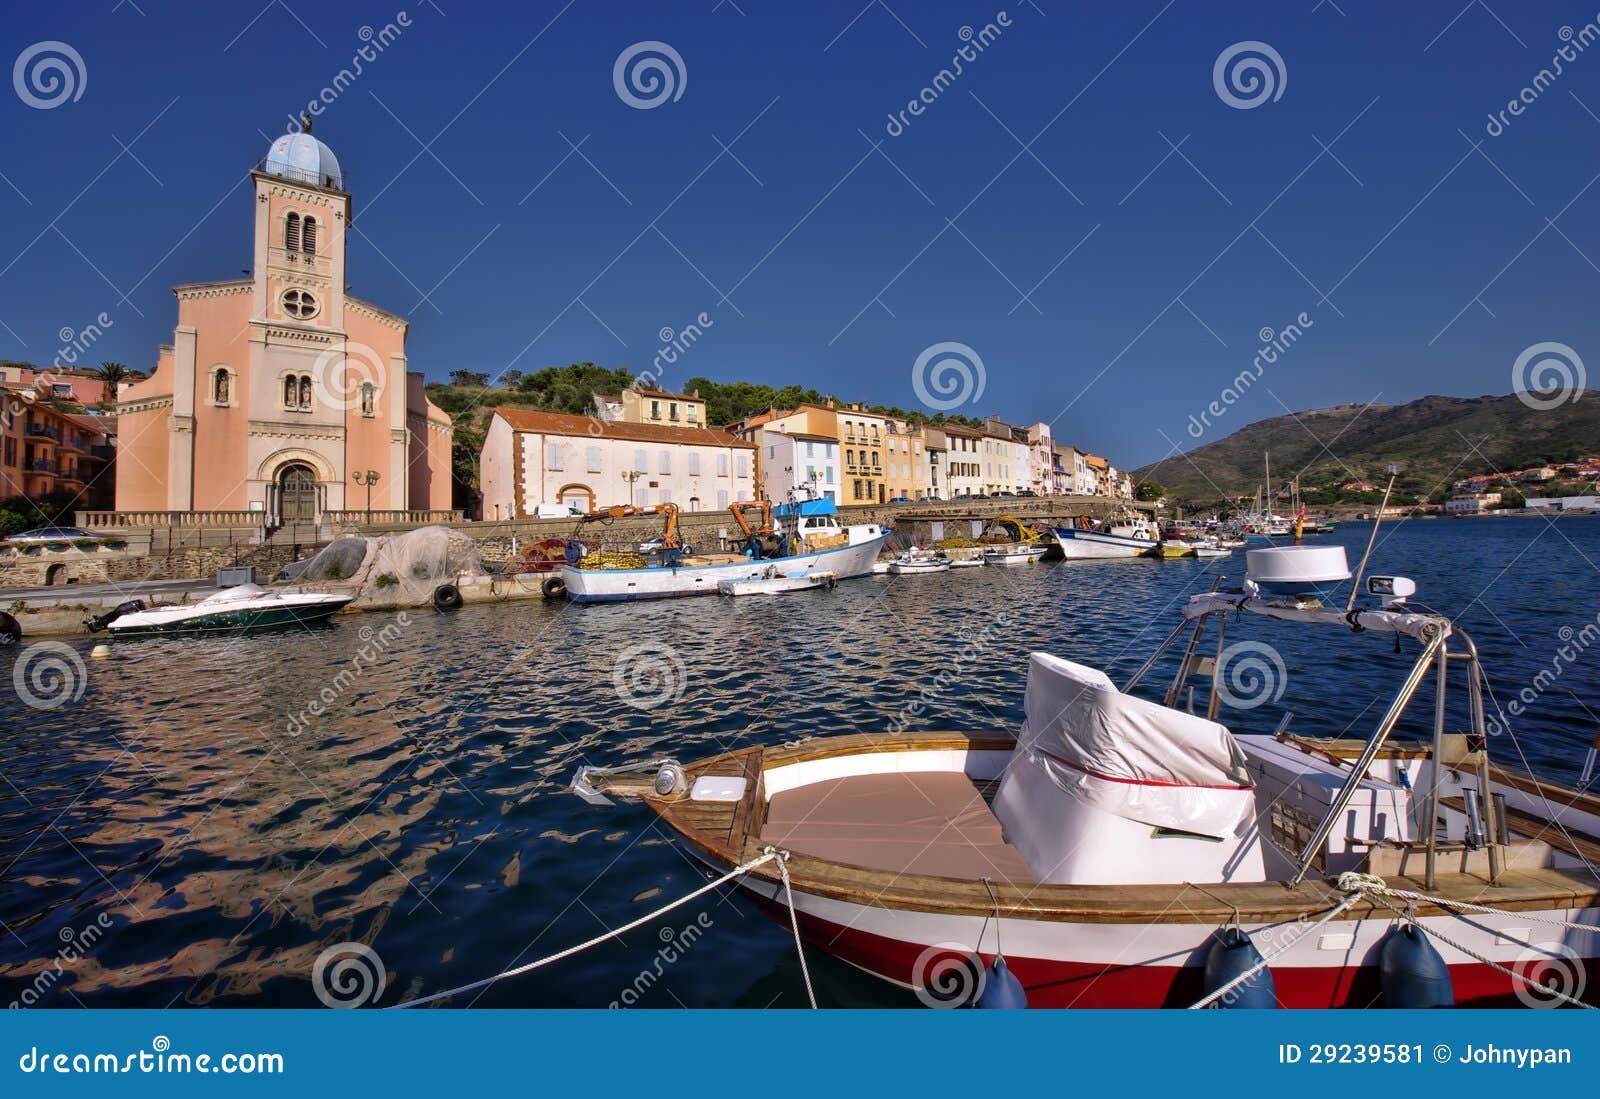 Download Porta De Pesca Velha No Mar Imagem de Stock - Imagem de edifícios, arquitetura: 29239581